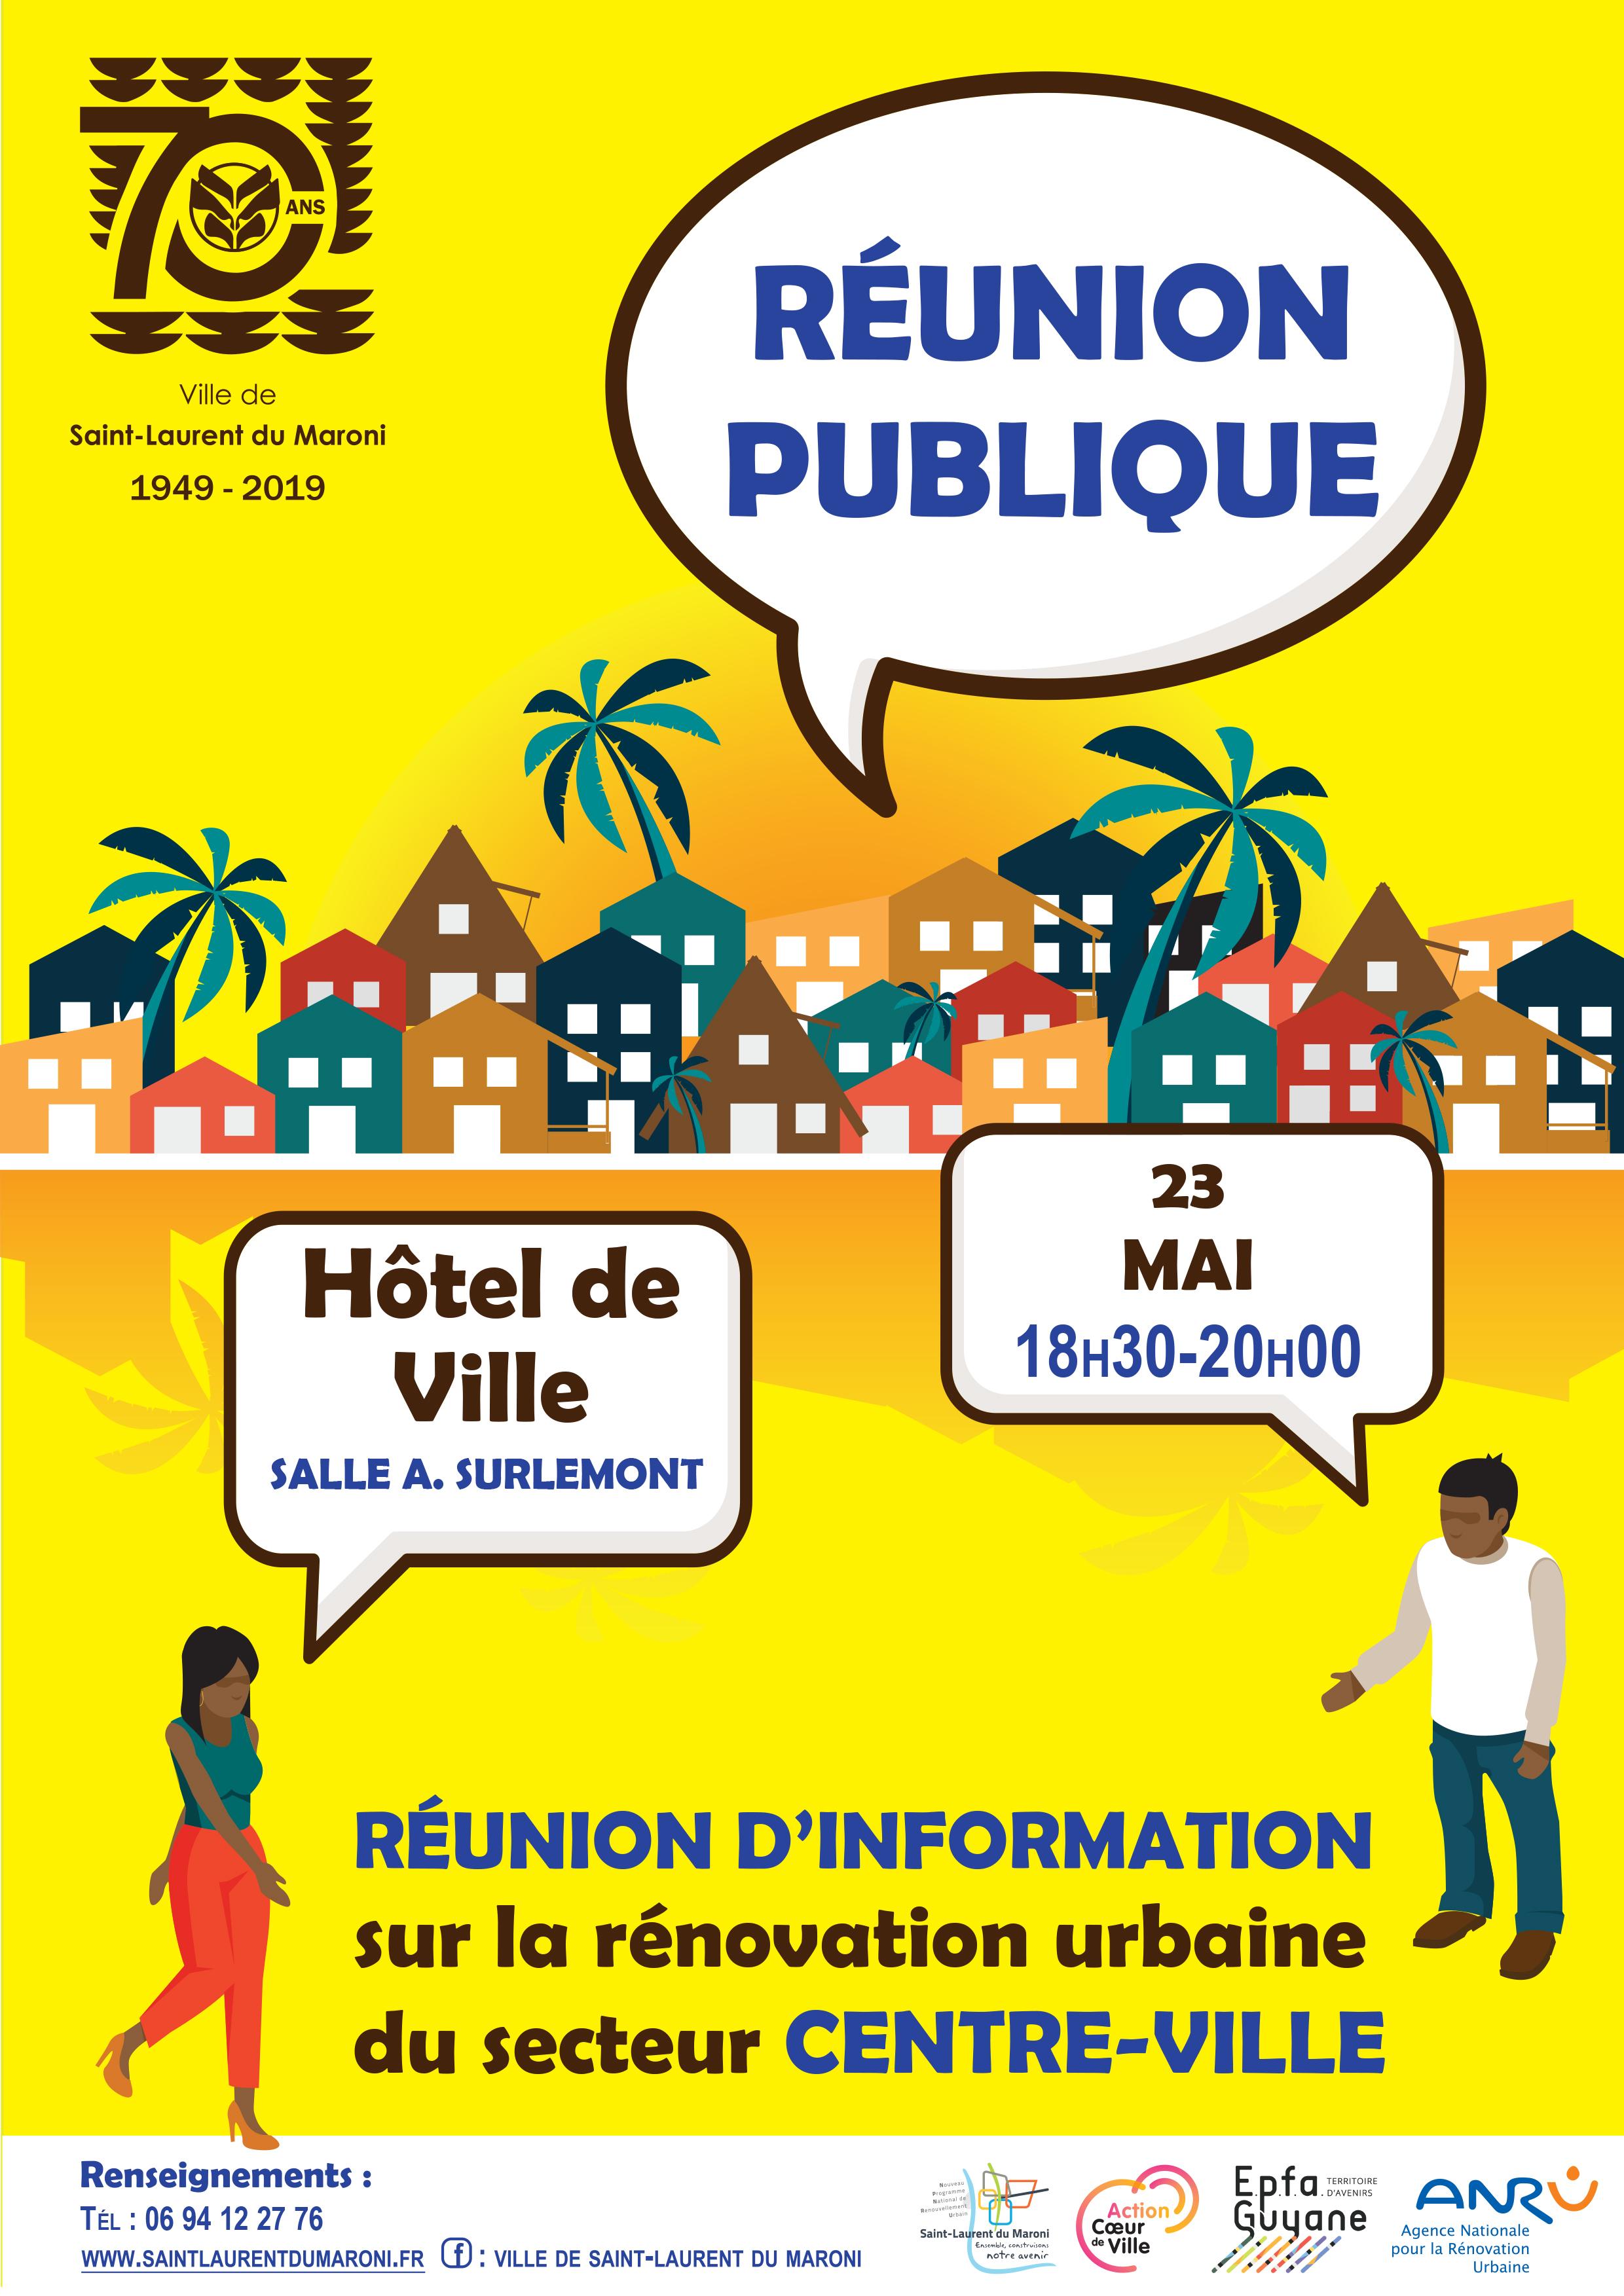 Rénovation urbaine : réunion publique à l'Hôtel de ville le 23 mai